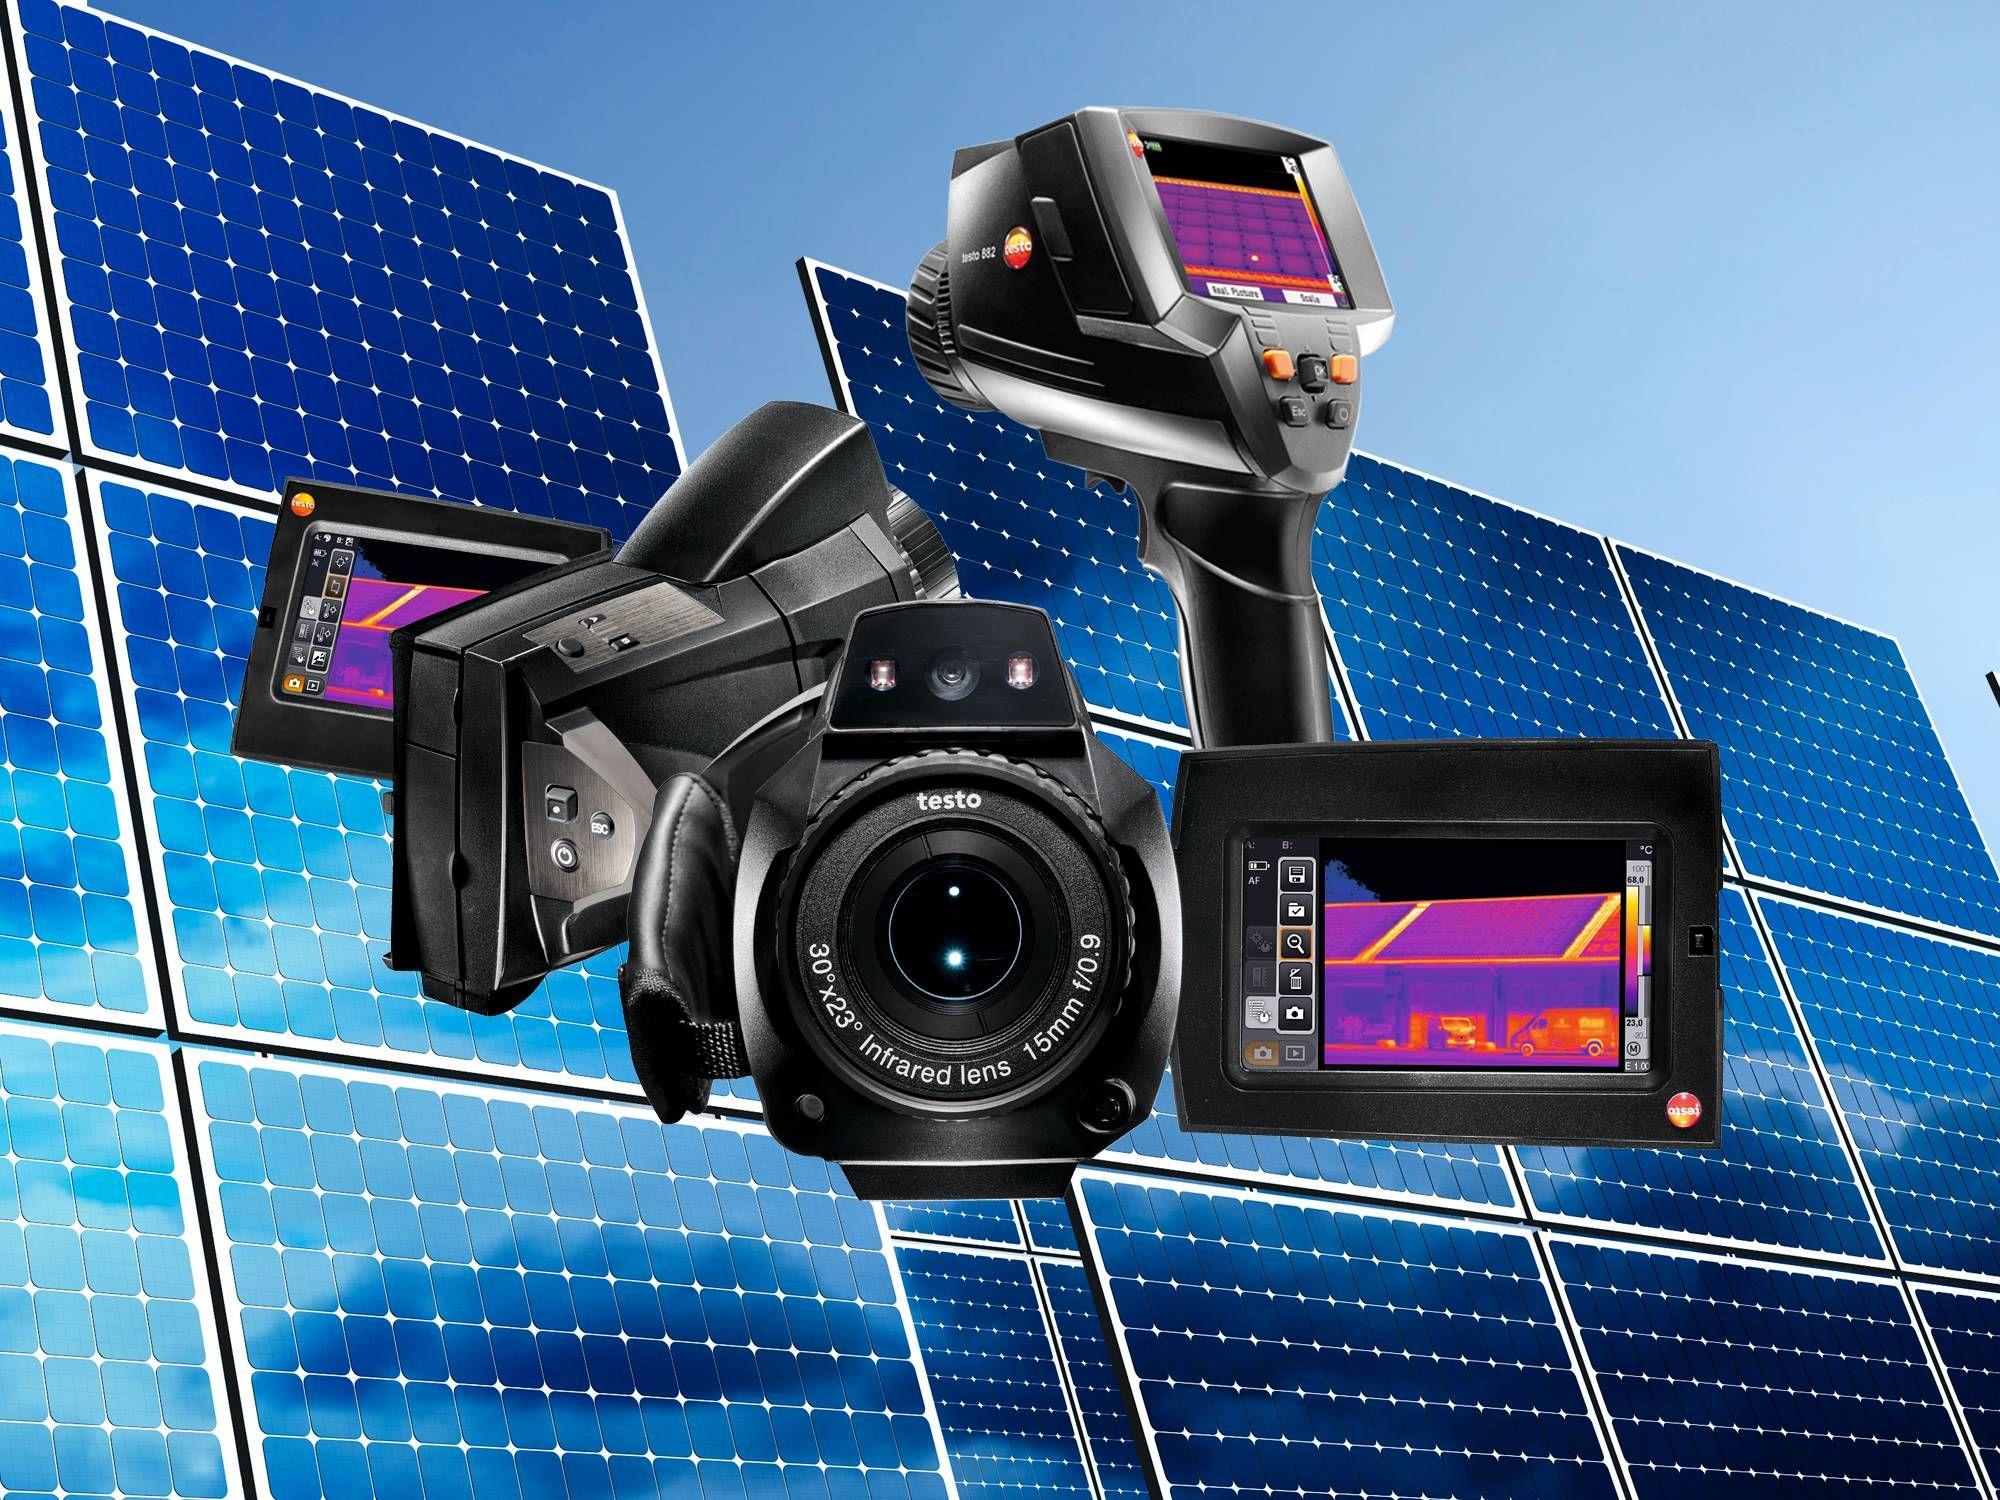 Termografía para parques solares